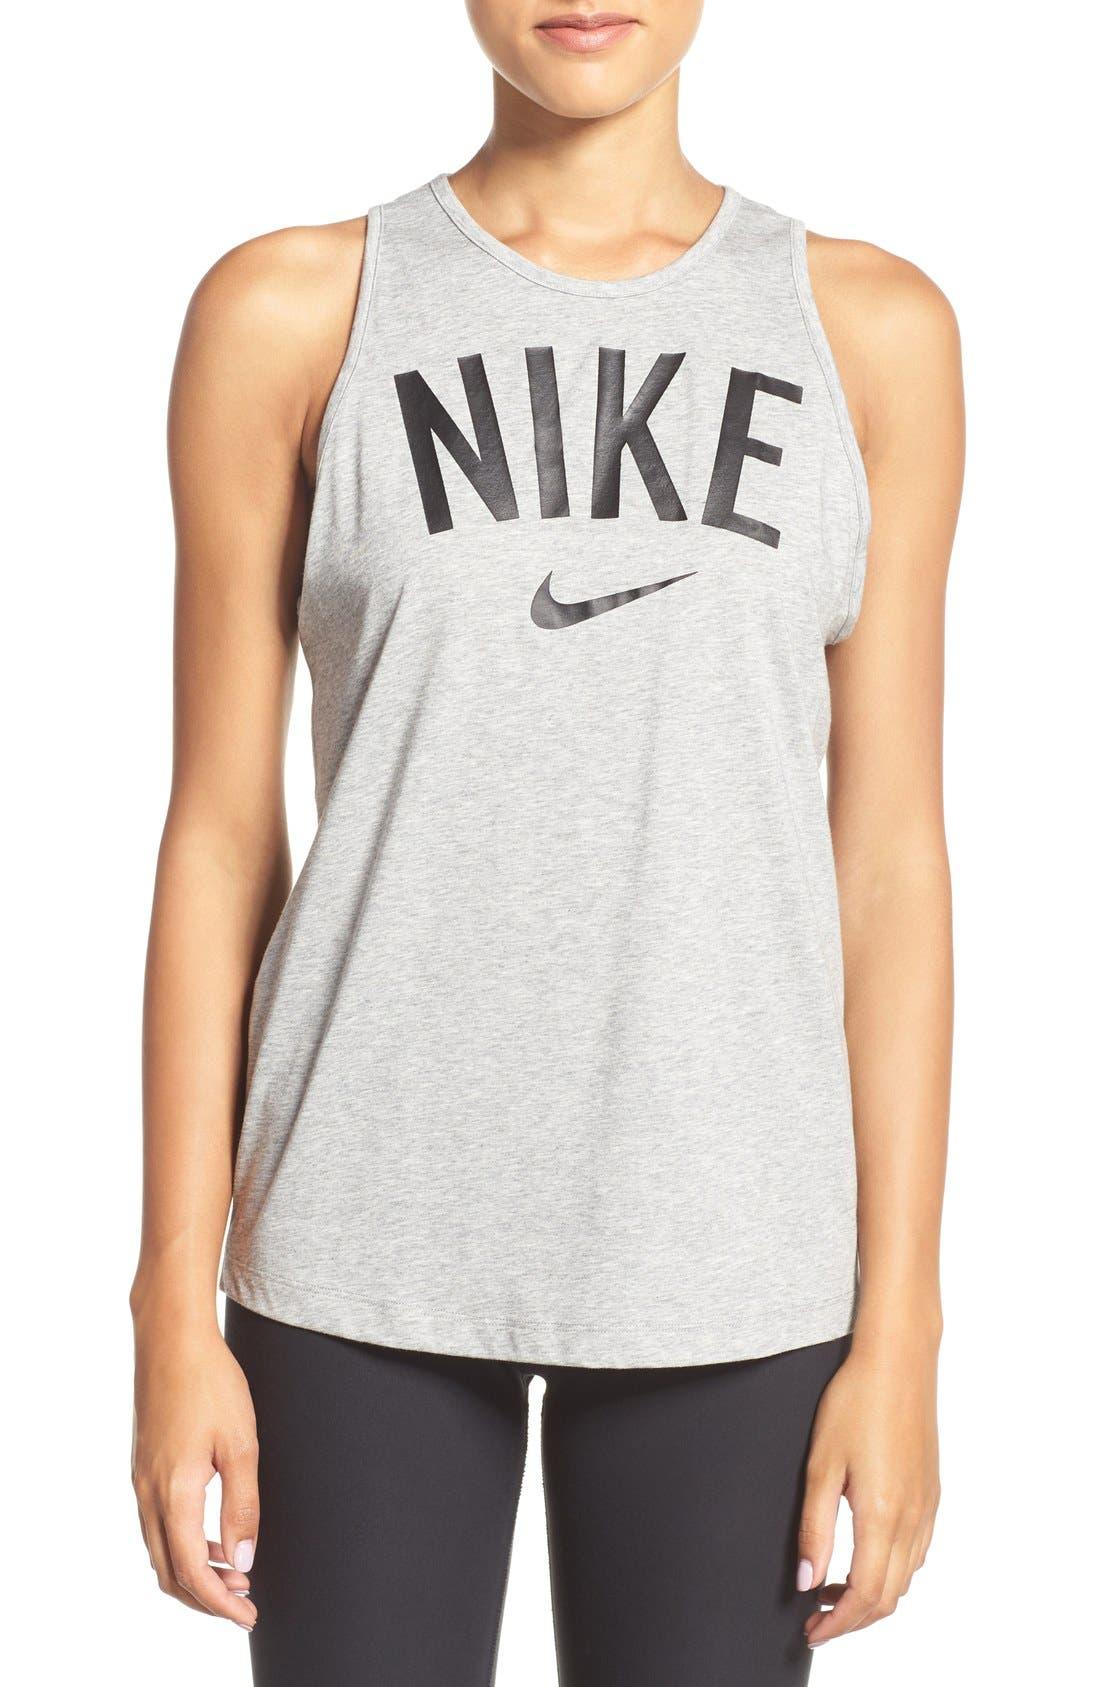 Main Image - Nike 'Tomboy' Graphic Tank